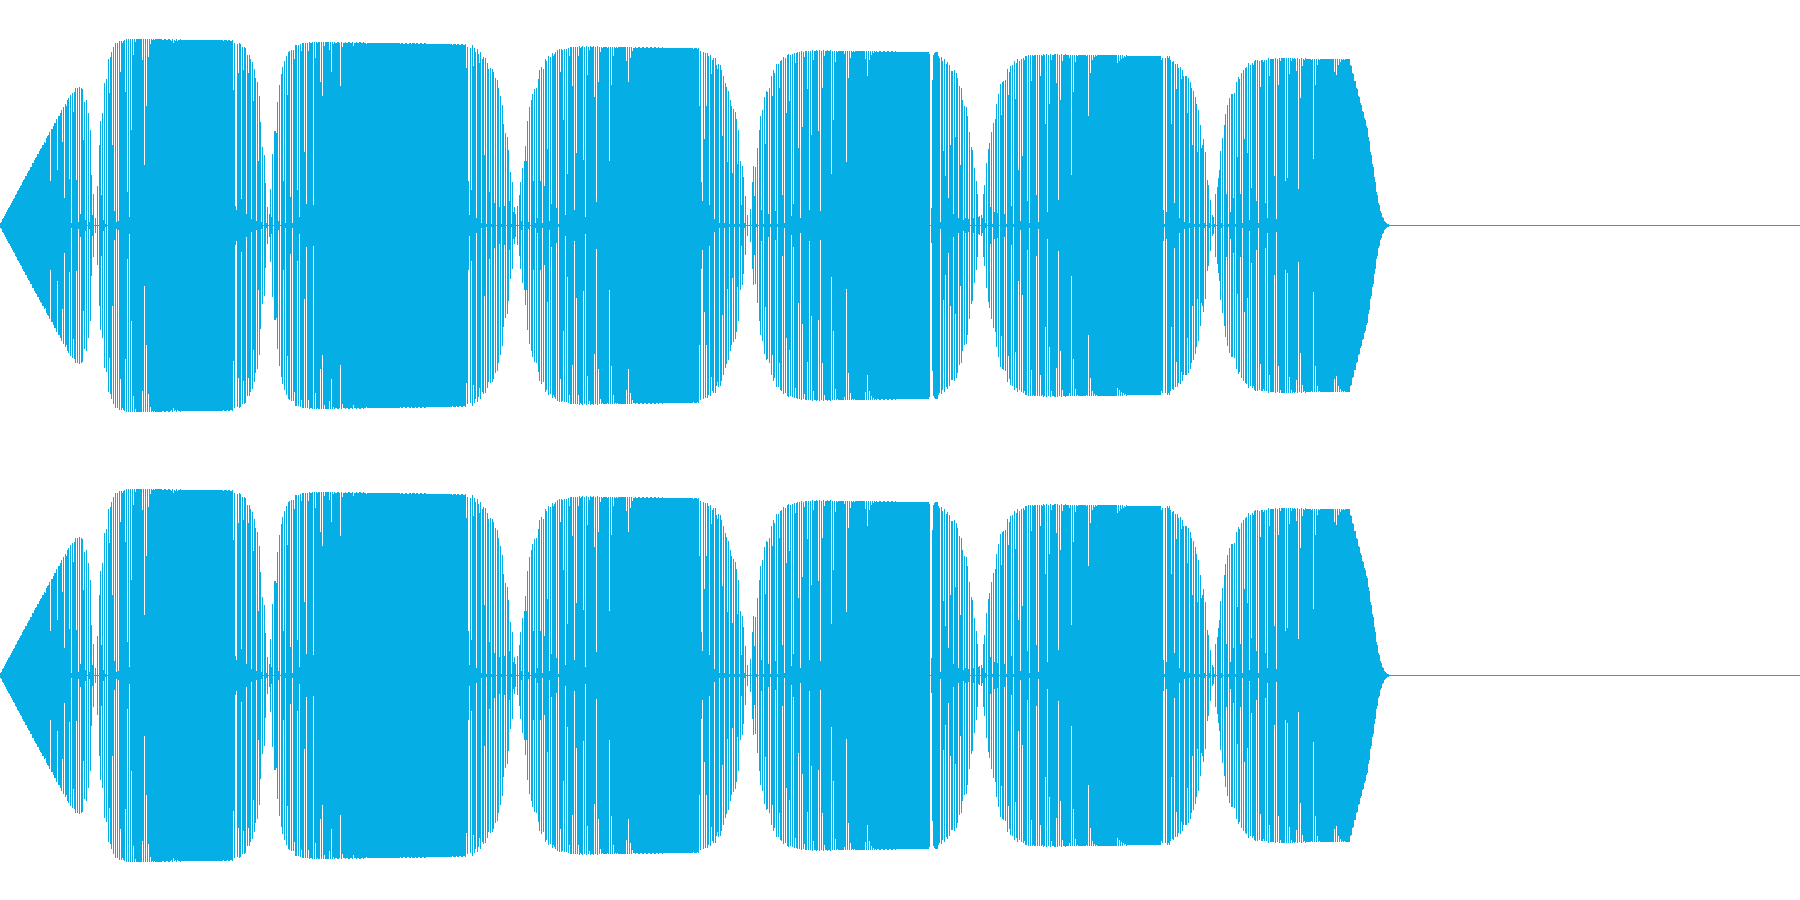 ピロリロリ(警告アラート失敗ミスサイレンの再生済みの波形